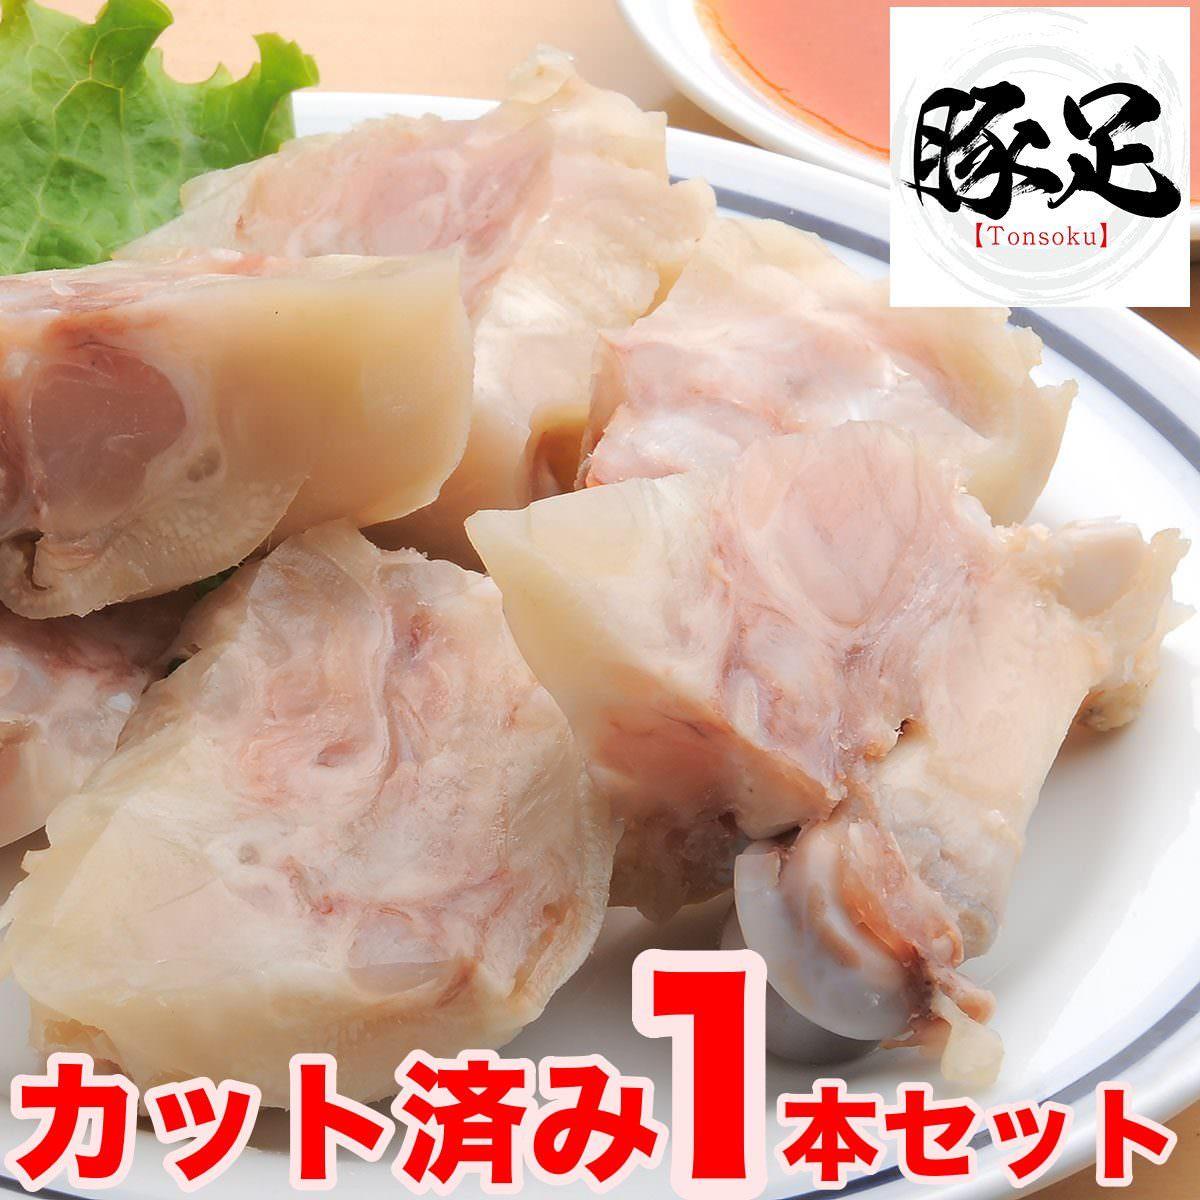 豚足味噌ダレ1本セット